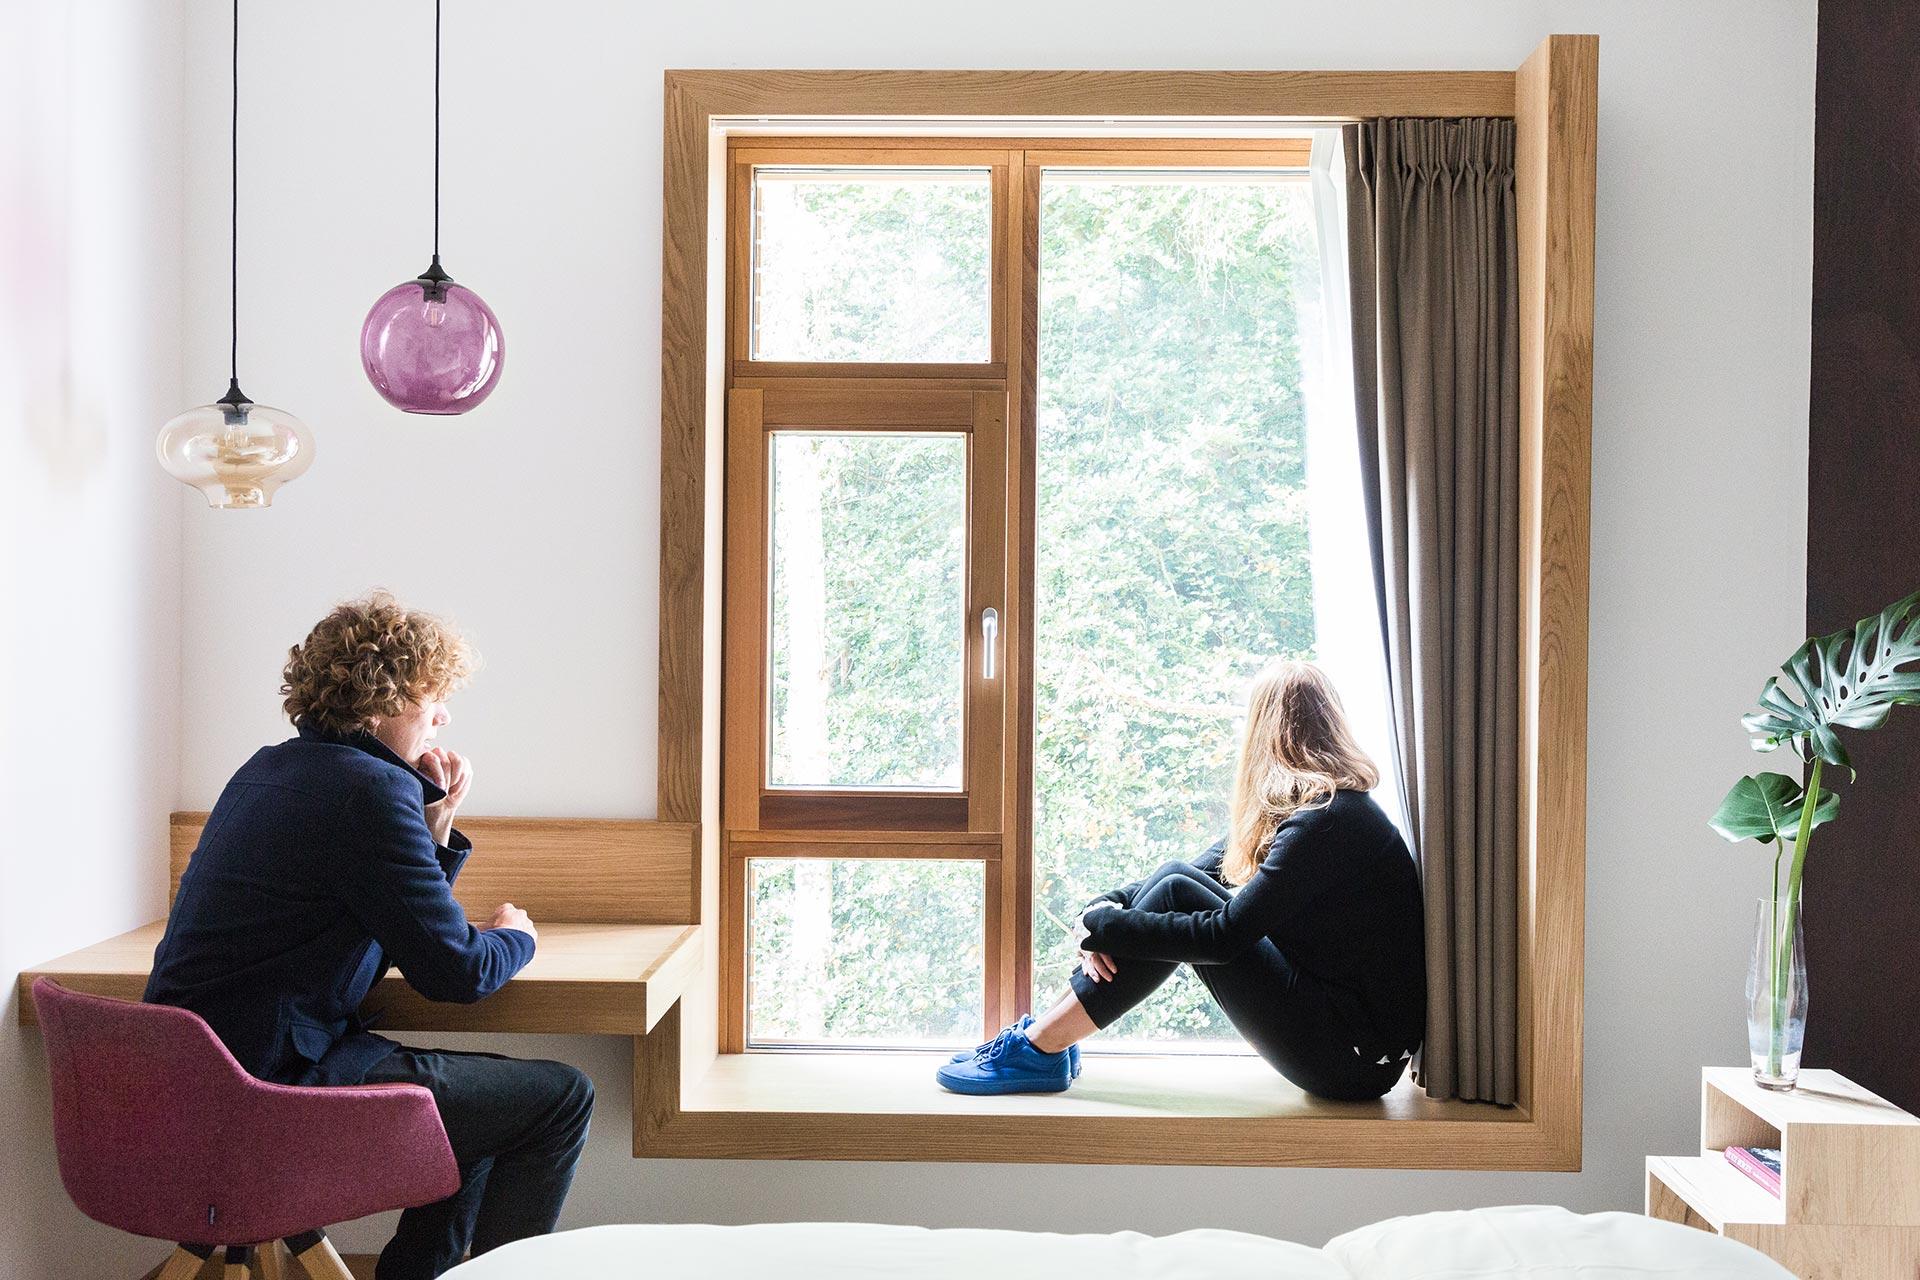 architect zoetmulder raamkozijn hout hoteldesign zitten in raam kozijn duurzaam hotel